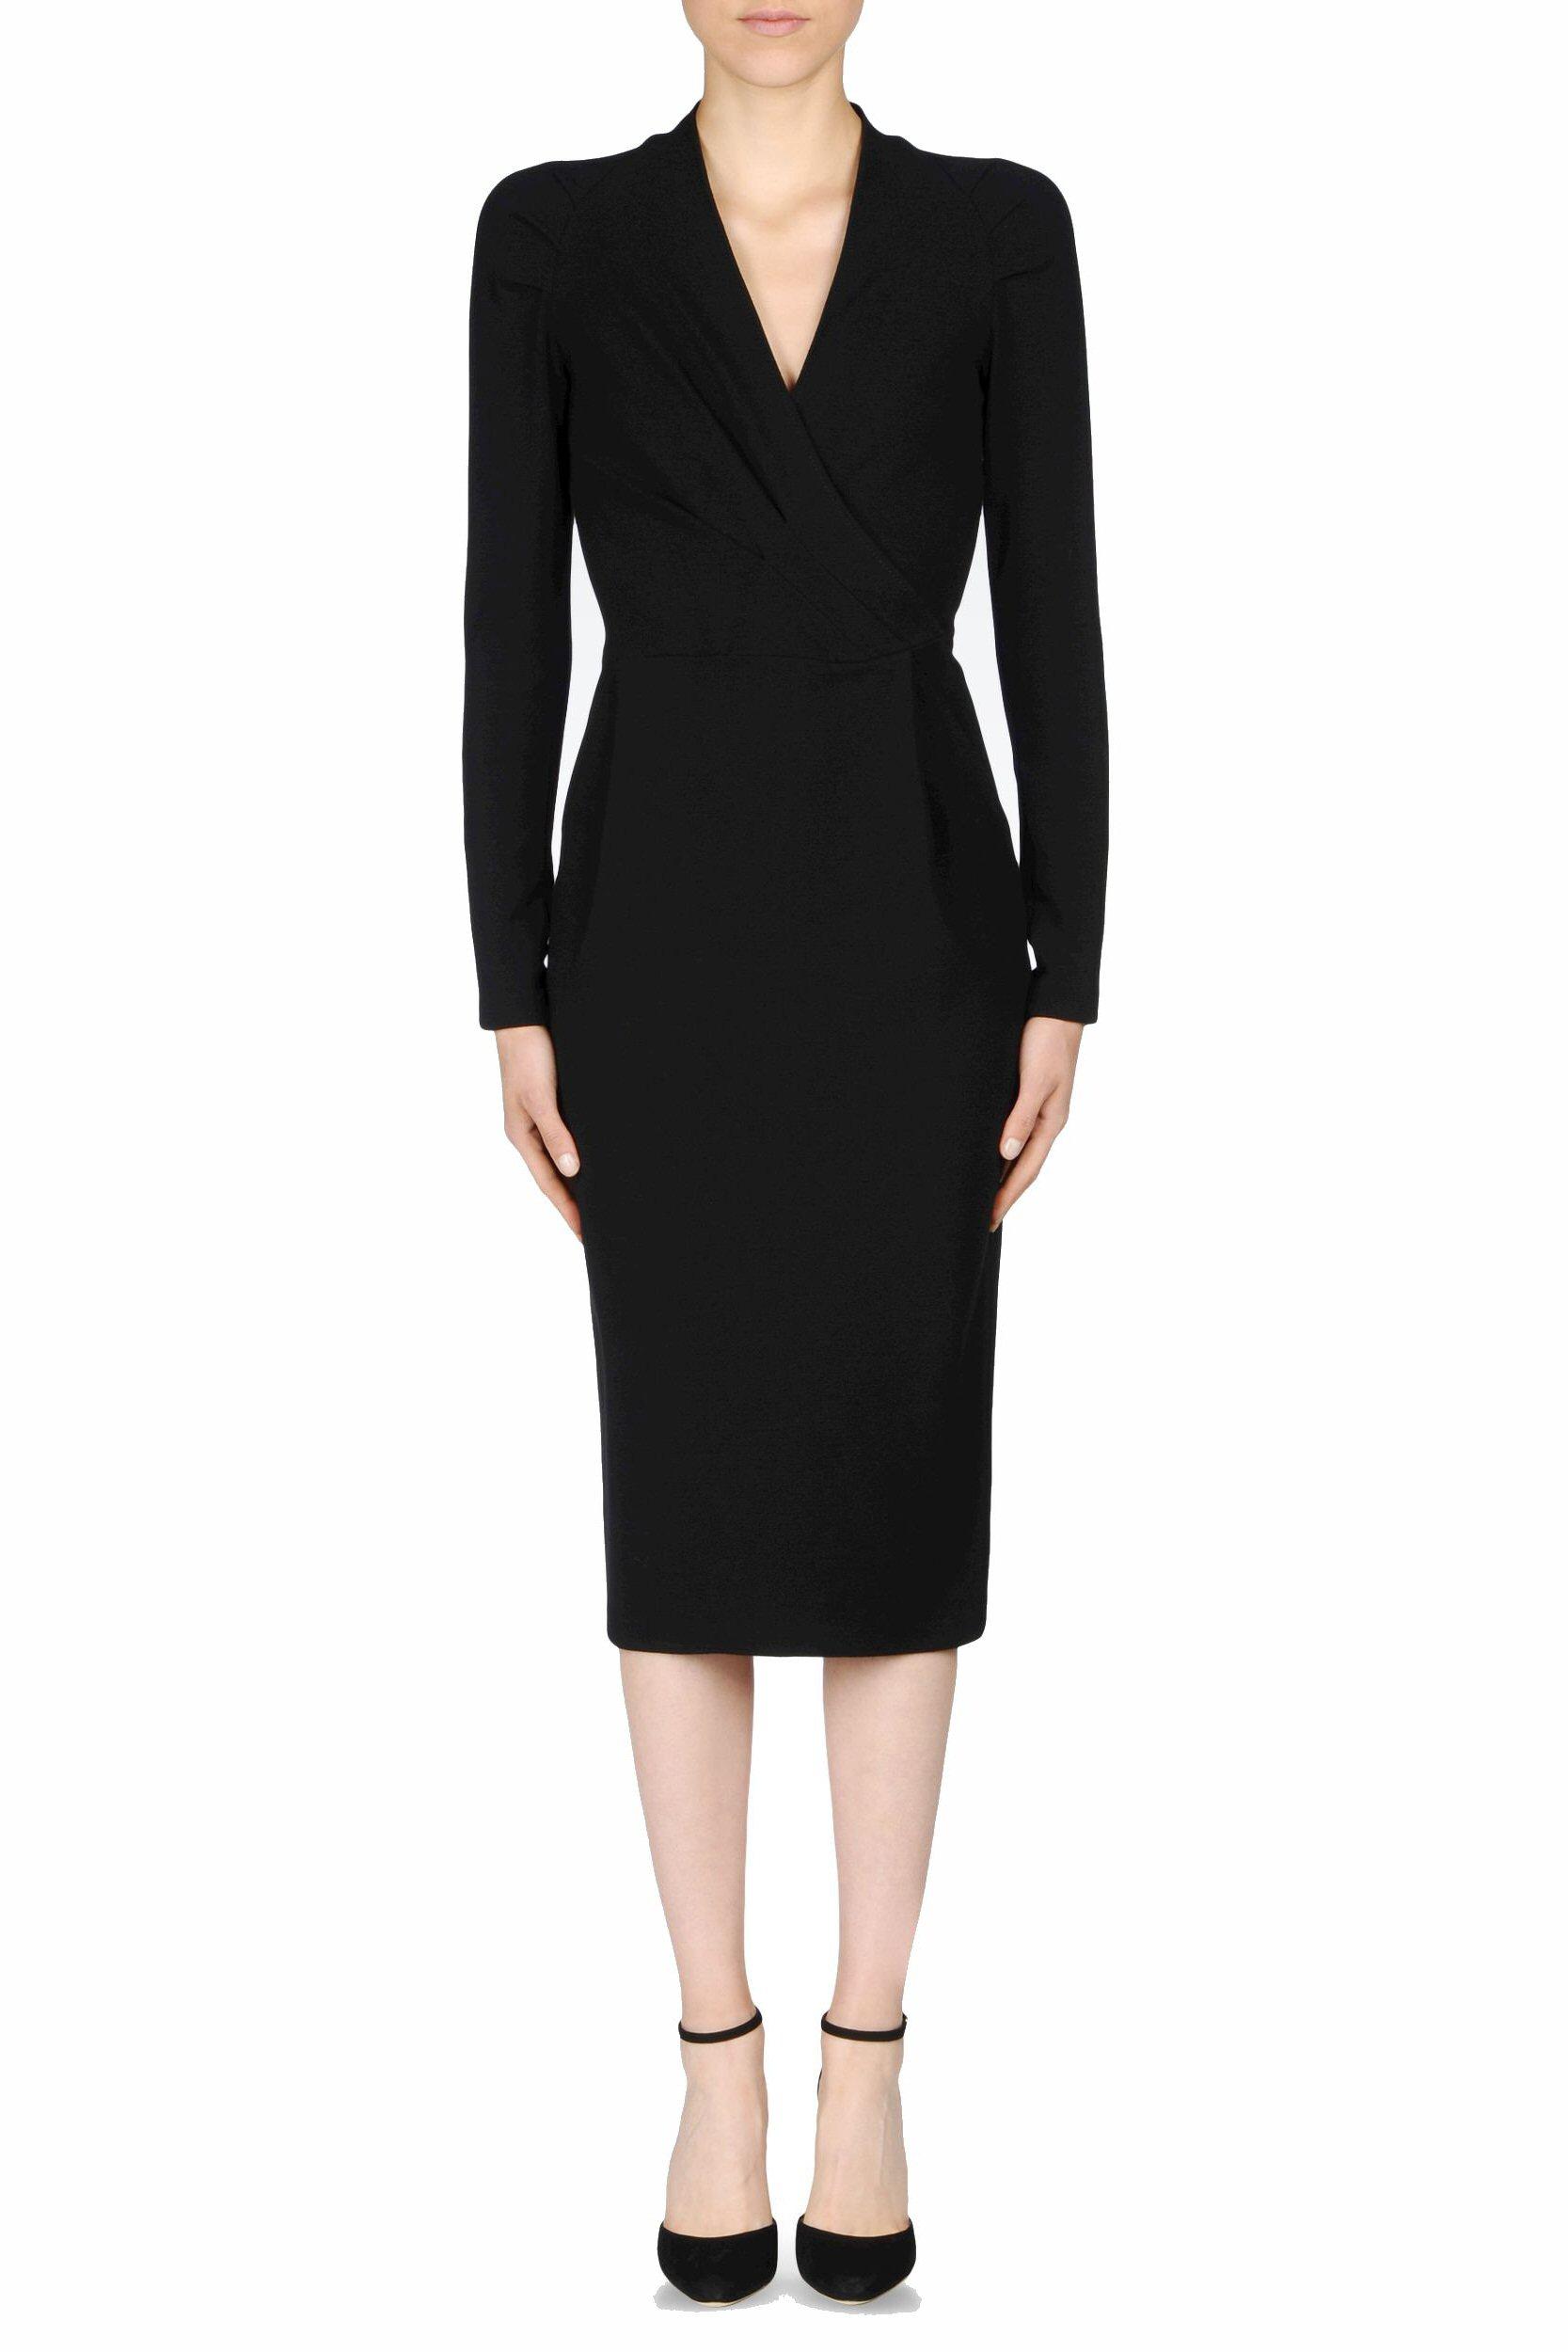 Armani Workwear 16-41